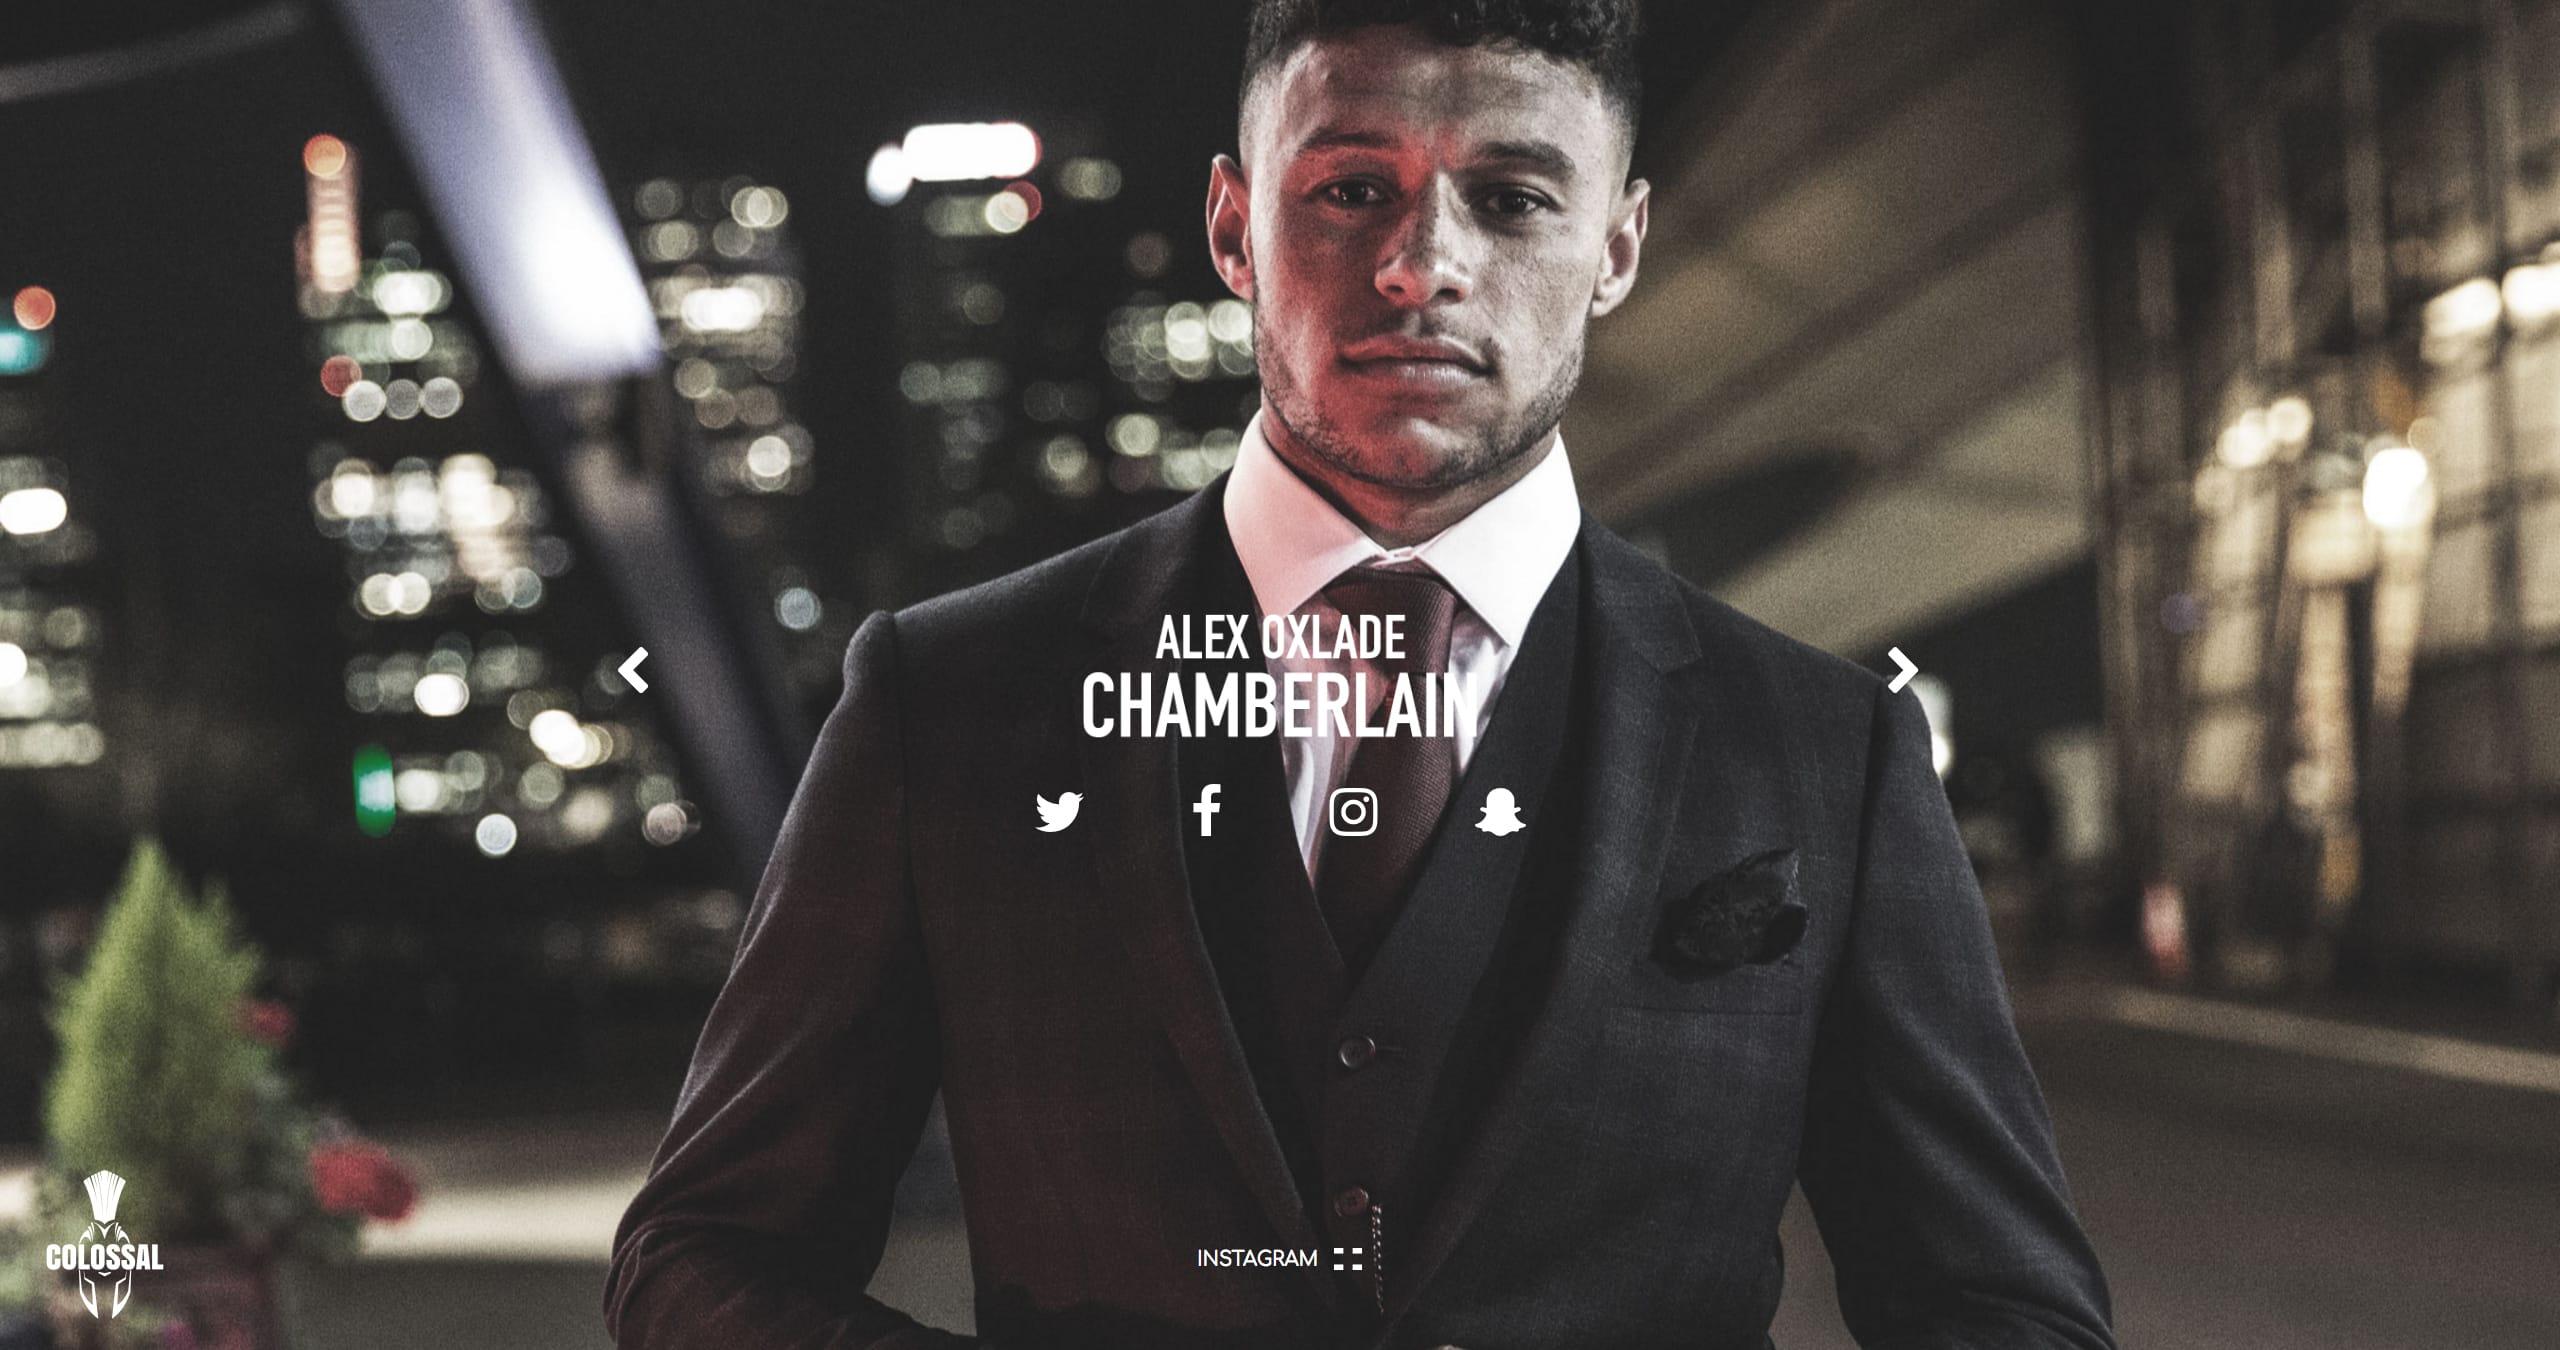 Alex Oxlade-Chamberlain Website Screenshot